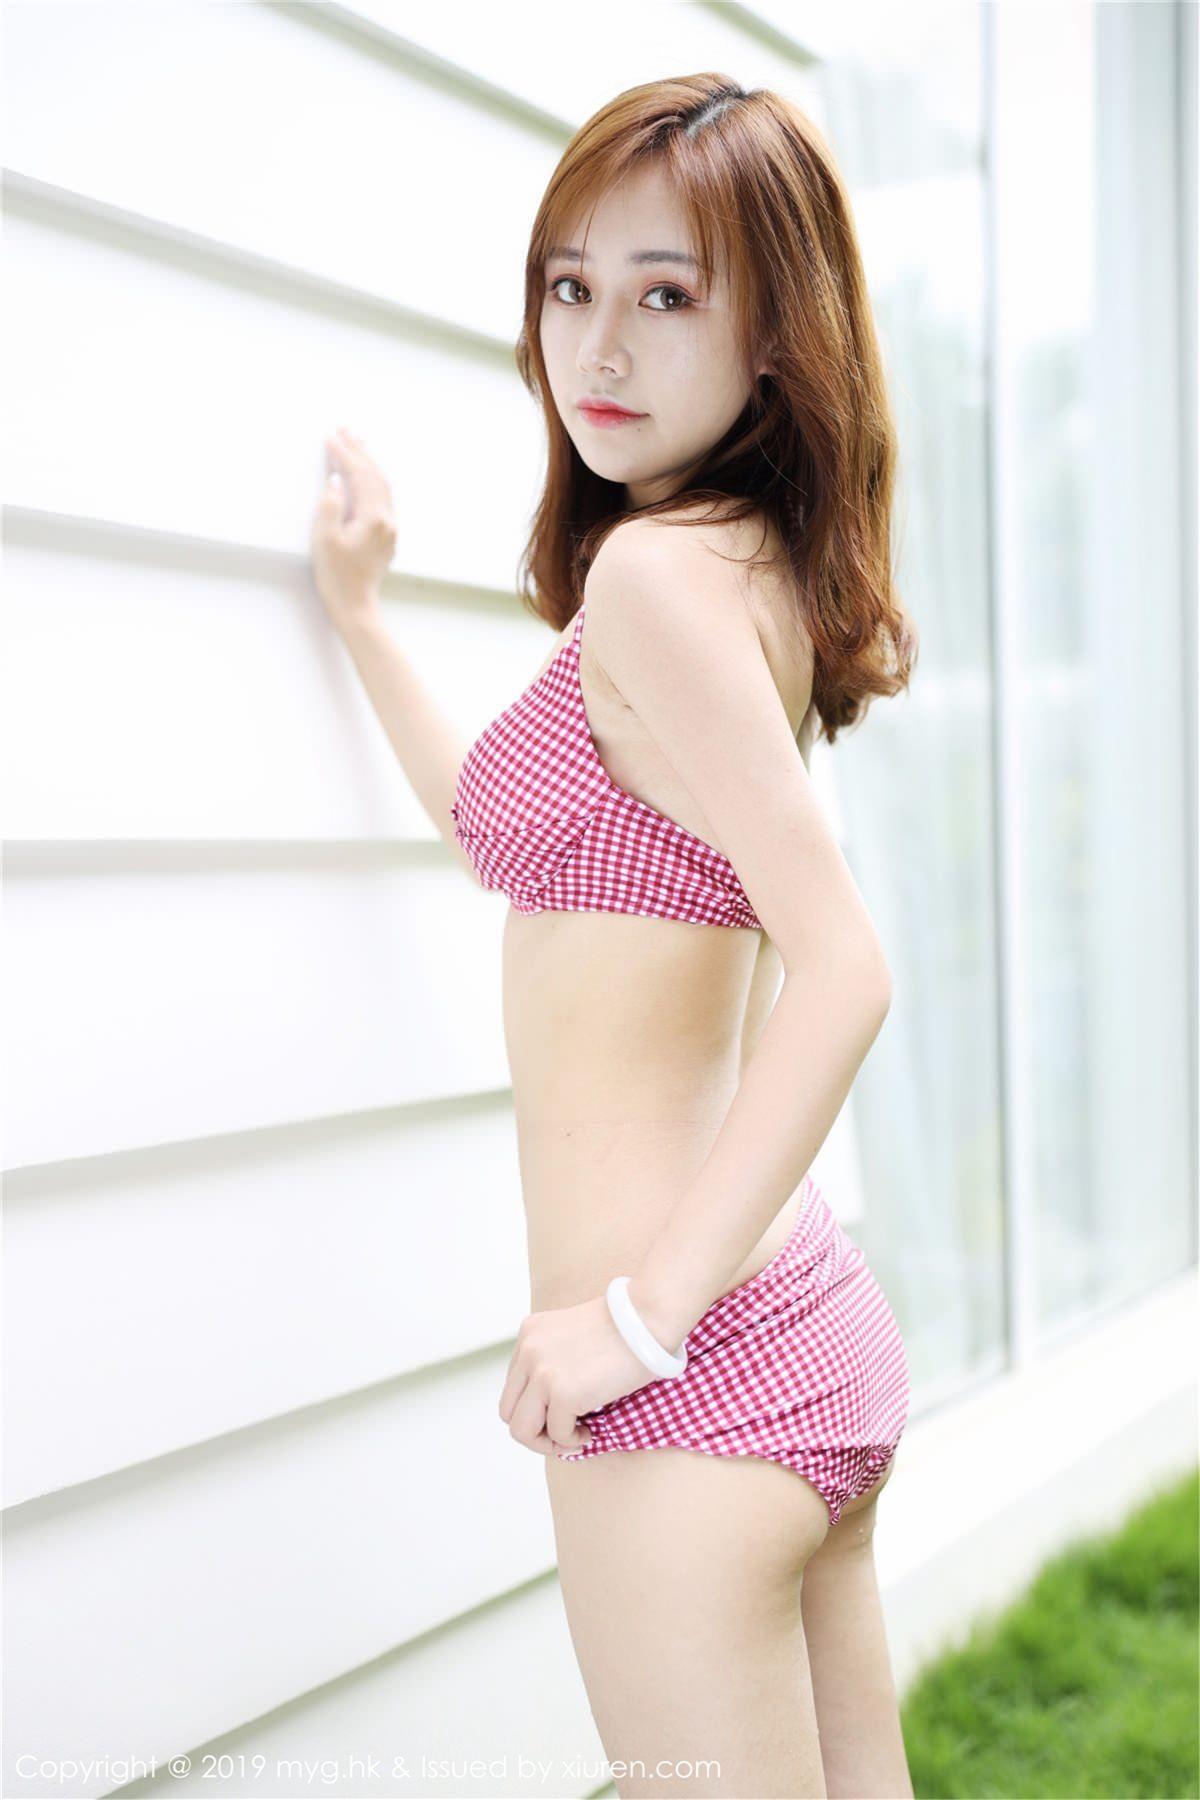 MyGirl Vol.356 15P, mygirl, Yu Zhu